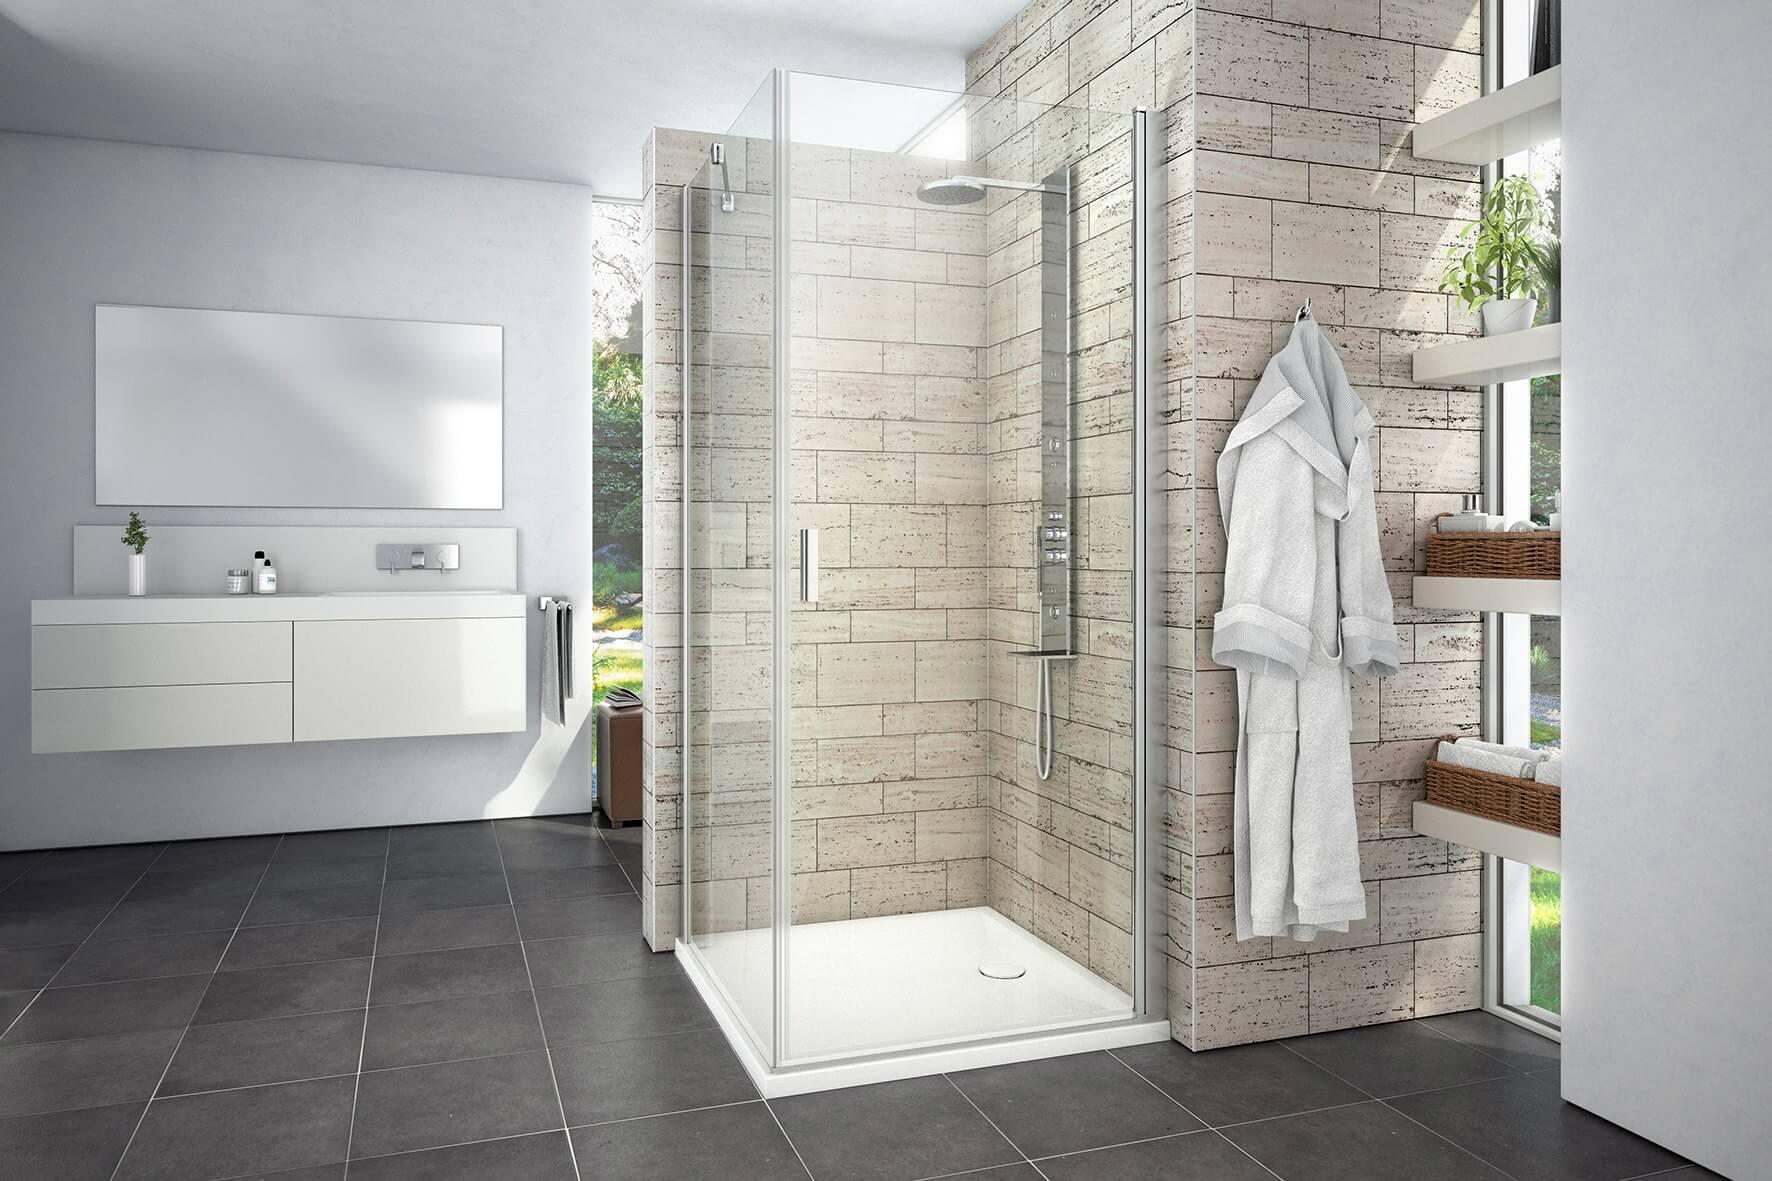 Neue badezimmer trends badezimmer 12 aktuelle farbtrends for Aktuelle badezimmer trends